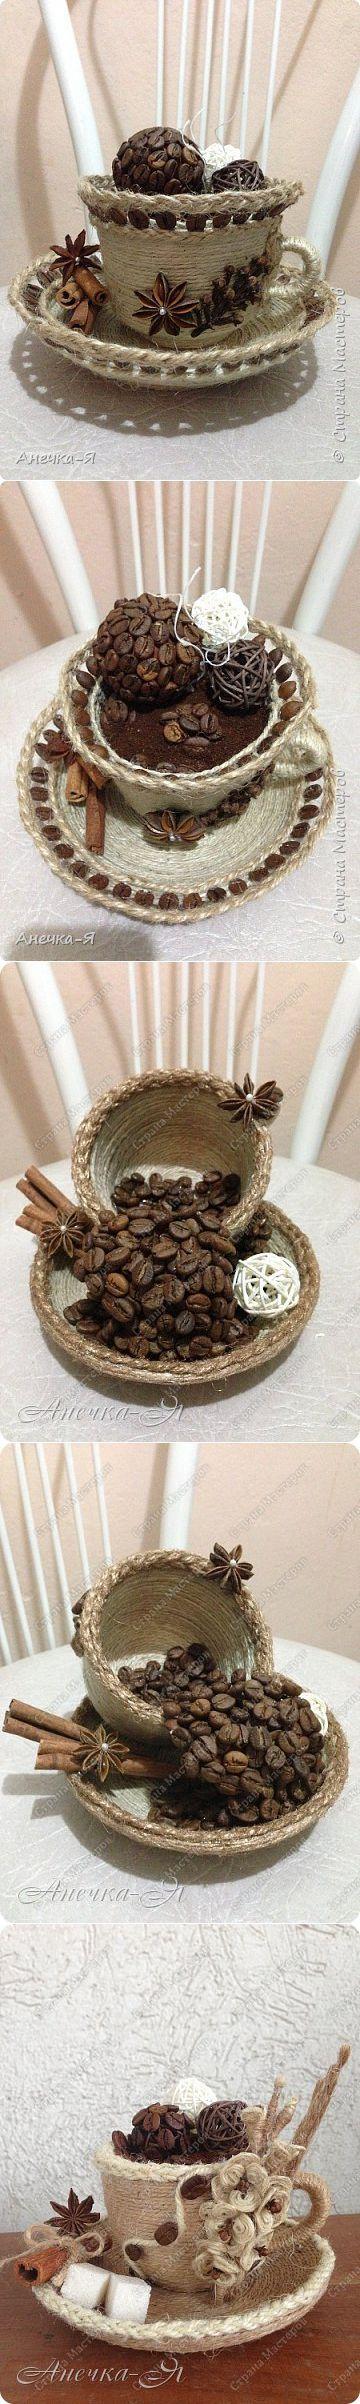 мои чашечки с кофе | Страна Мастеров